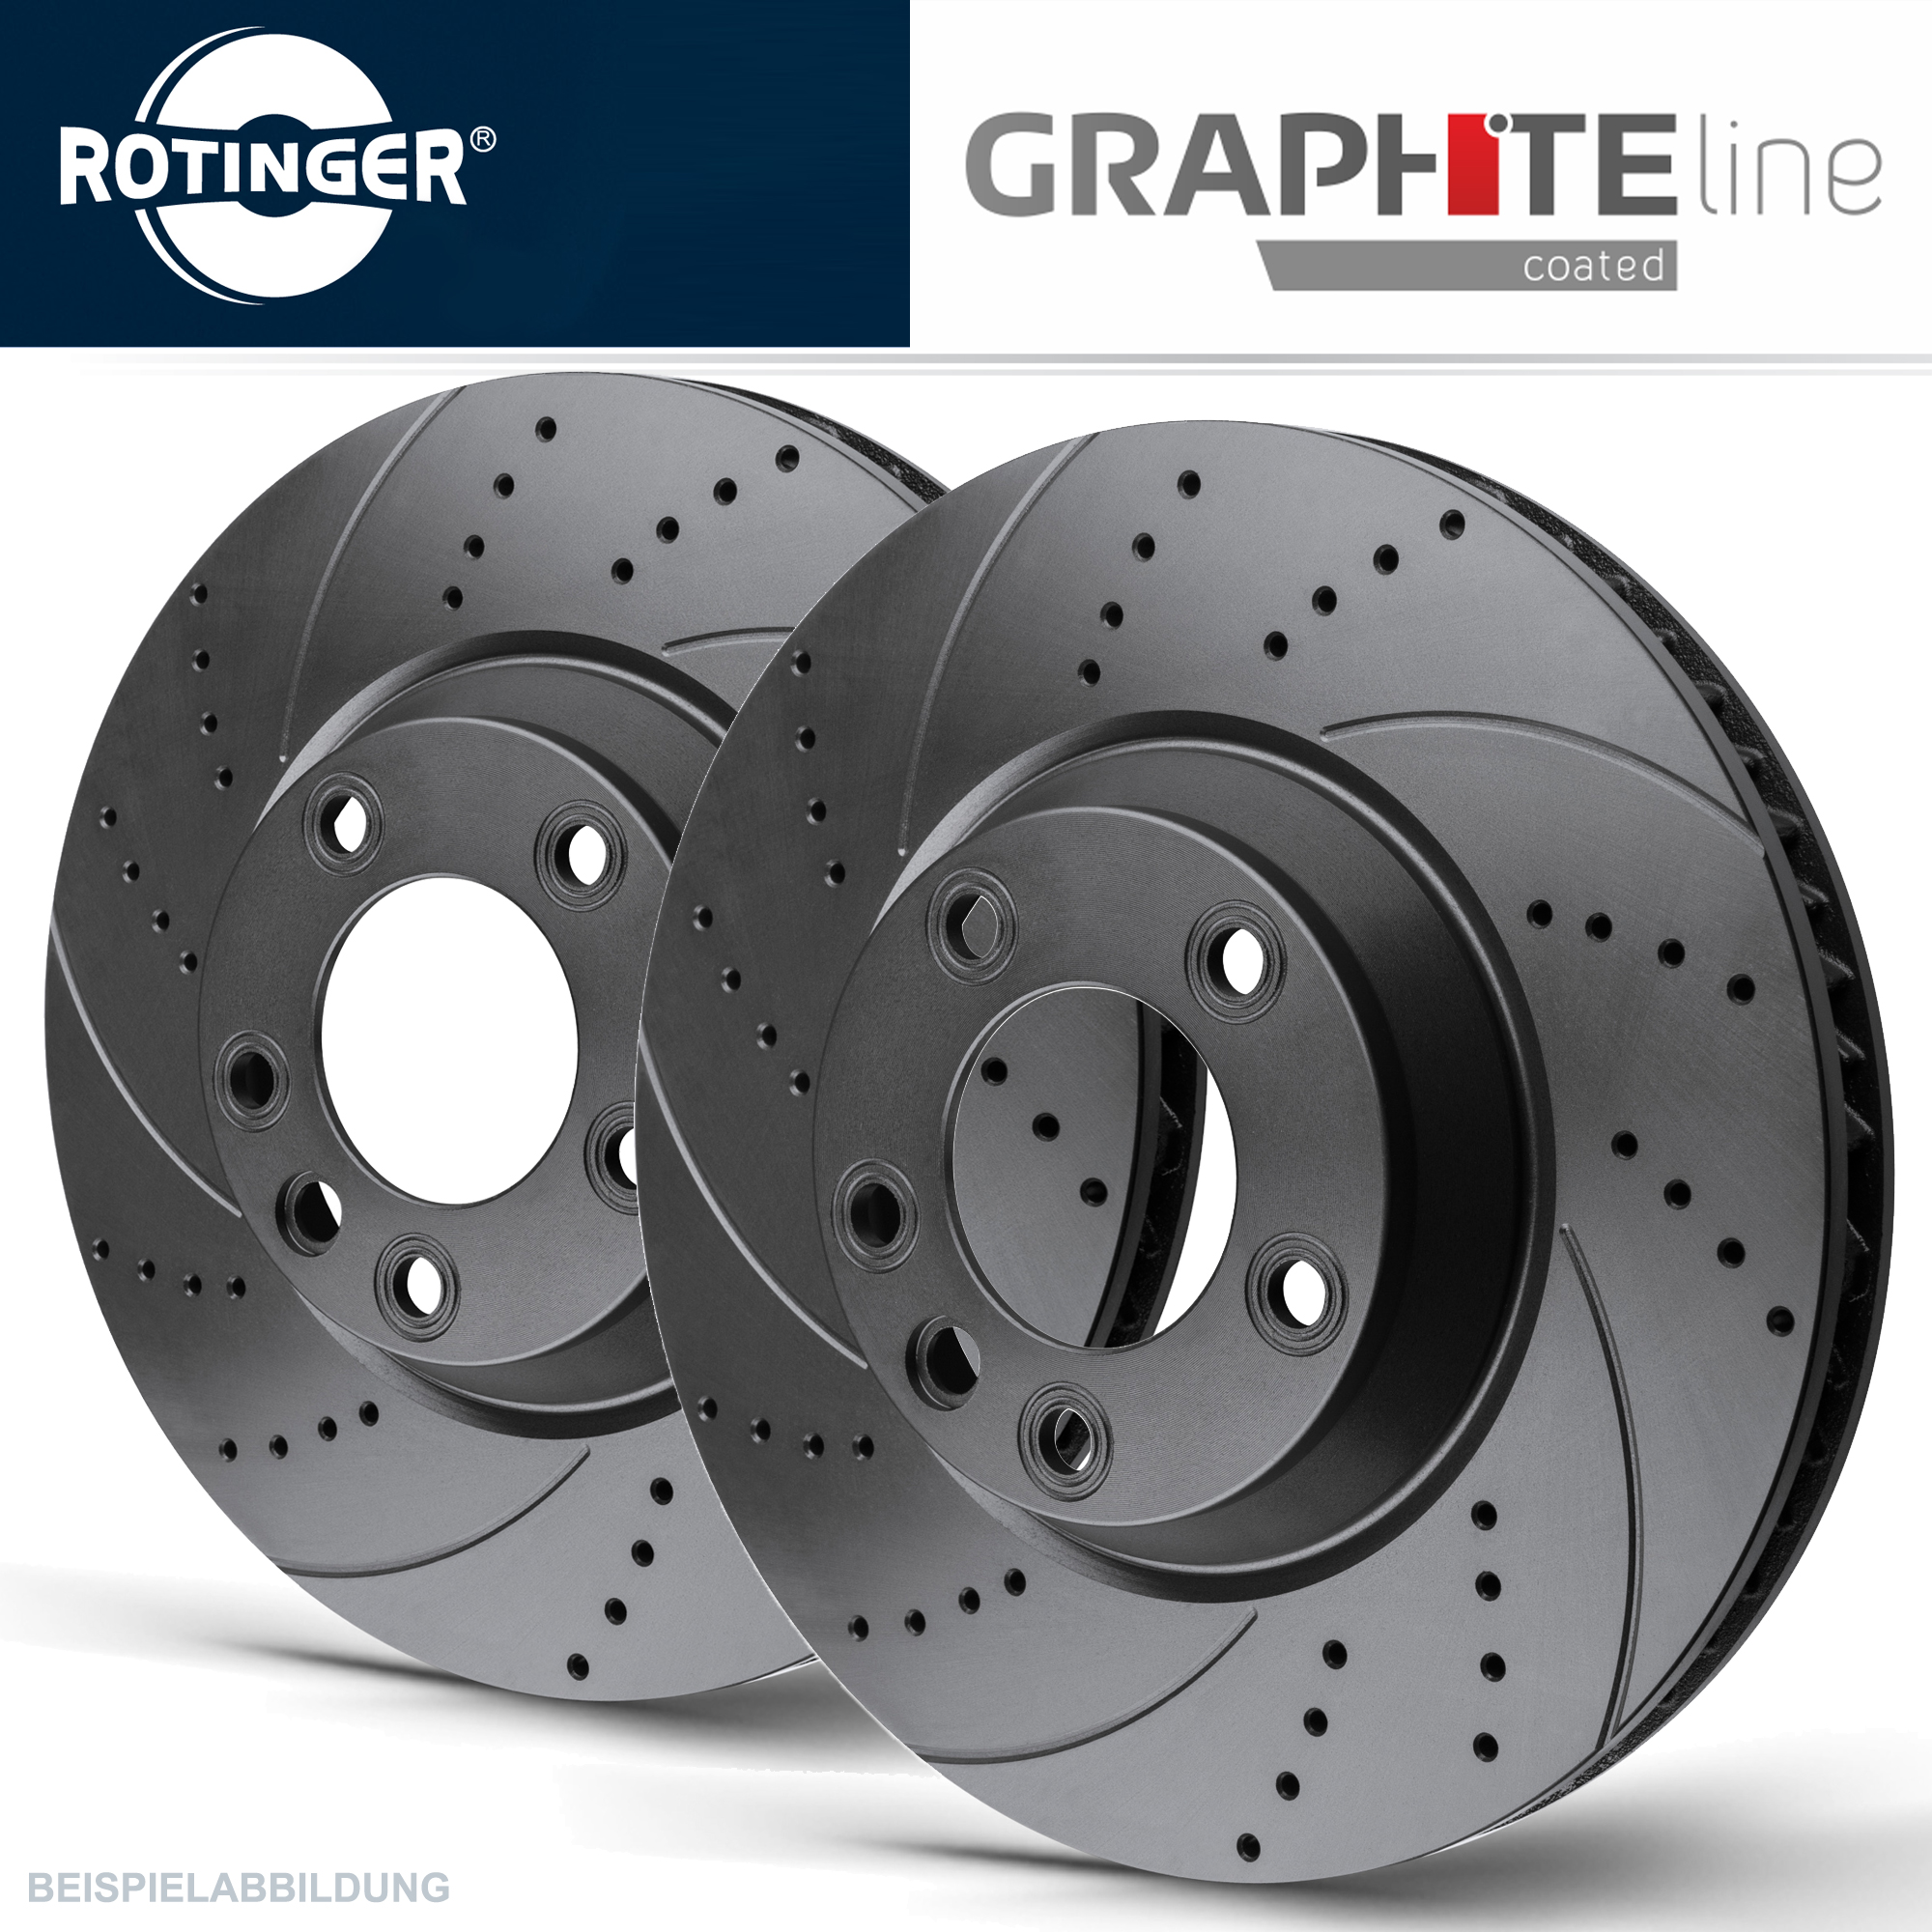 rotinger graphite line sport bremsscheiben vorne audi a3. Black Bedroom Furniture Sets. Home Design Ideas